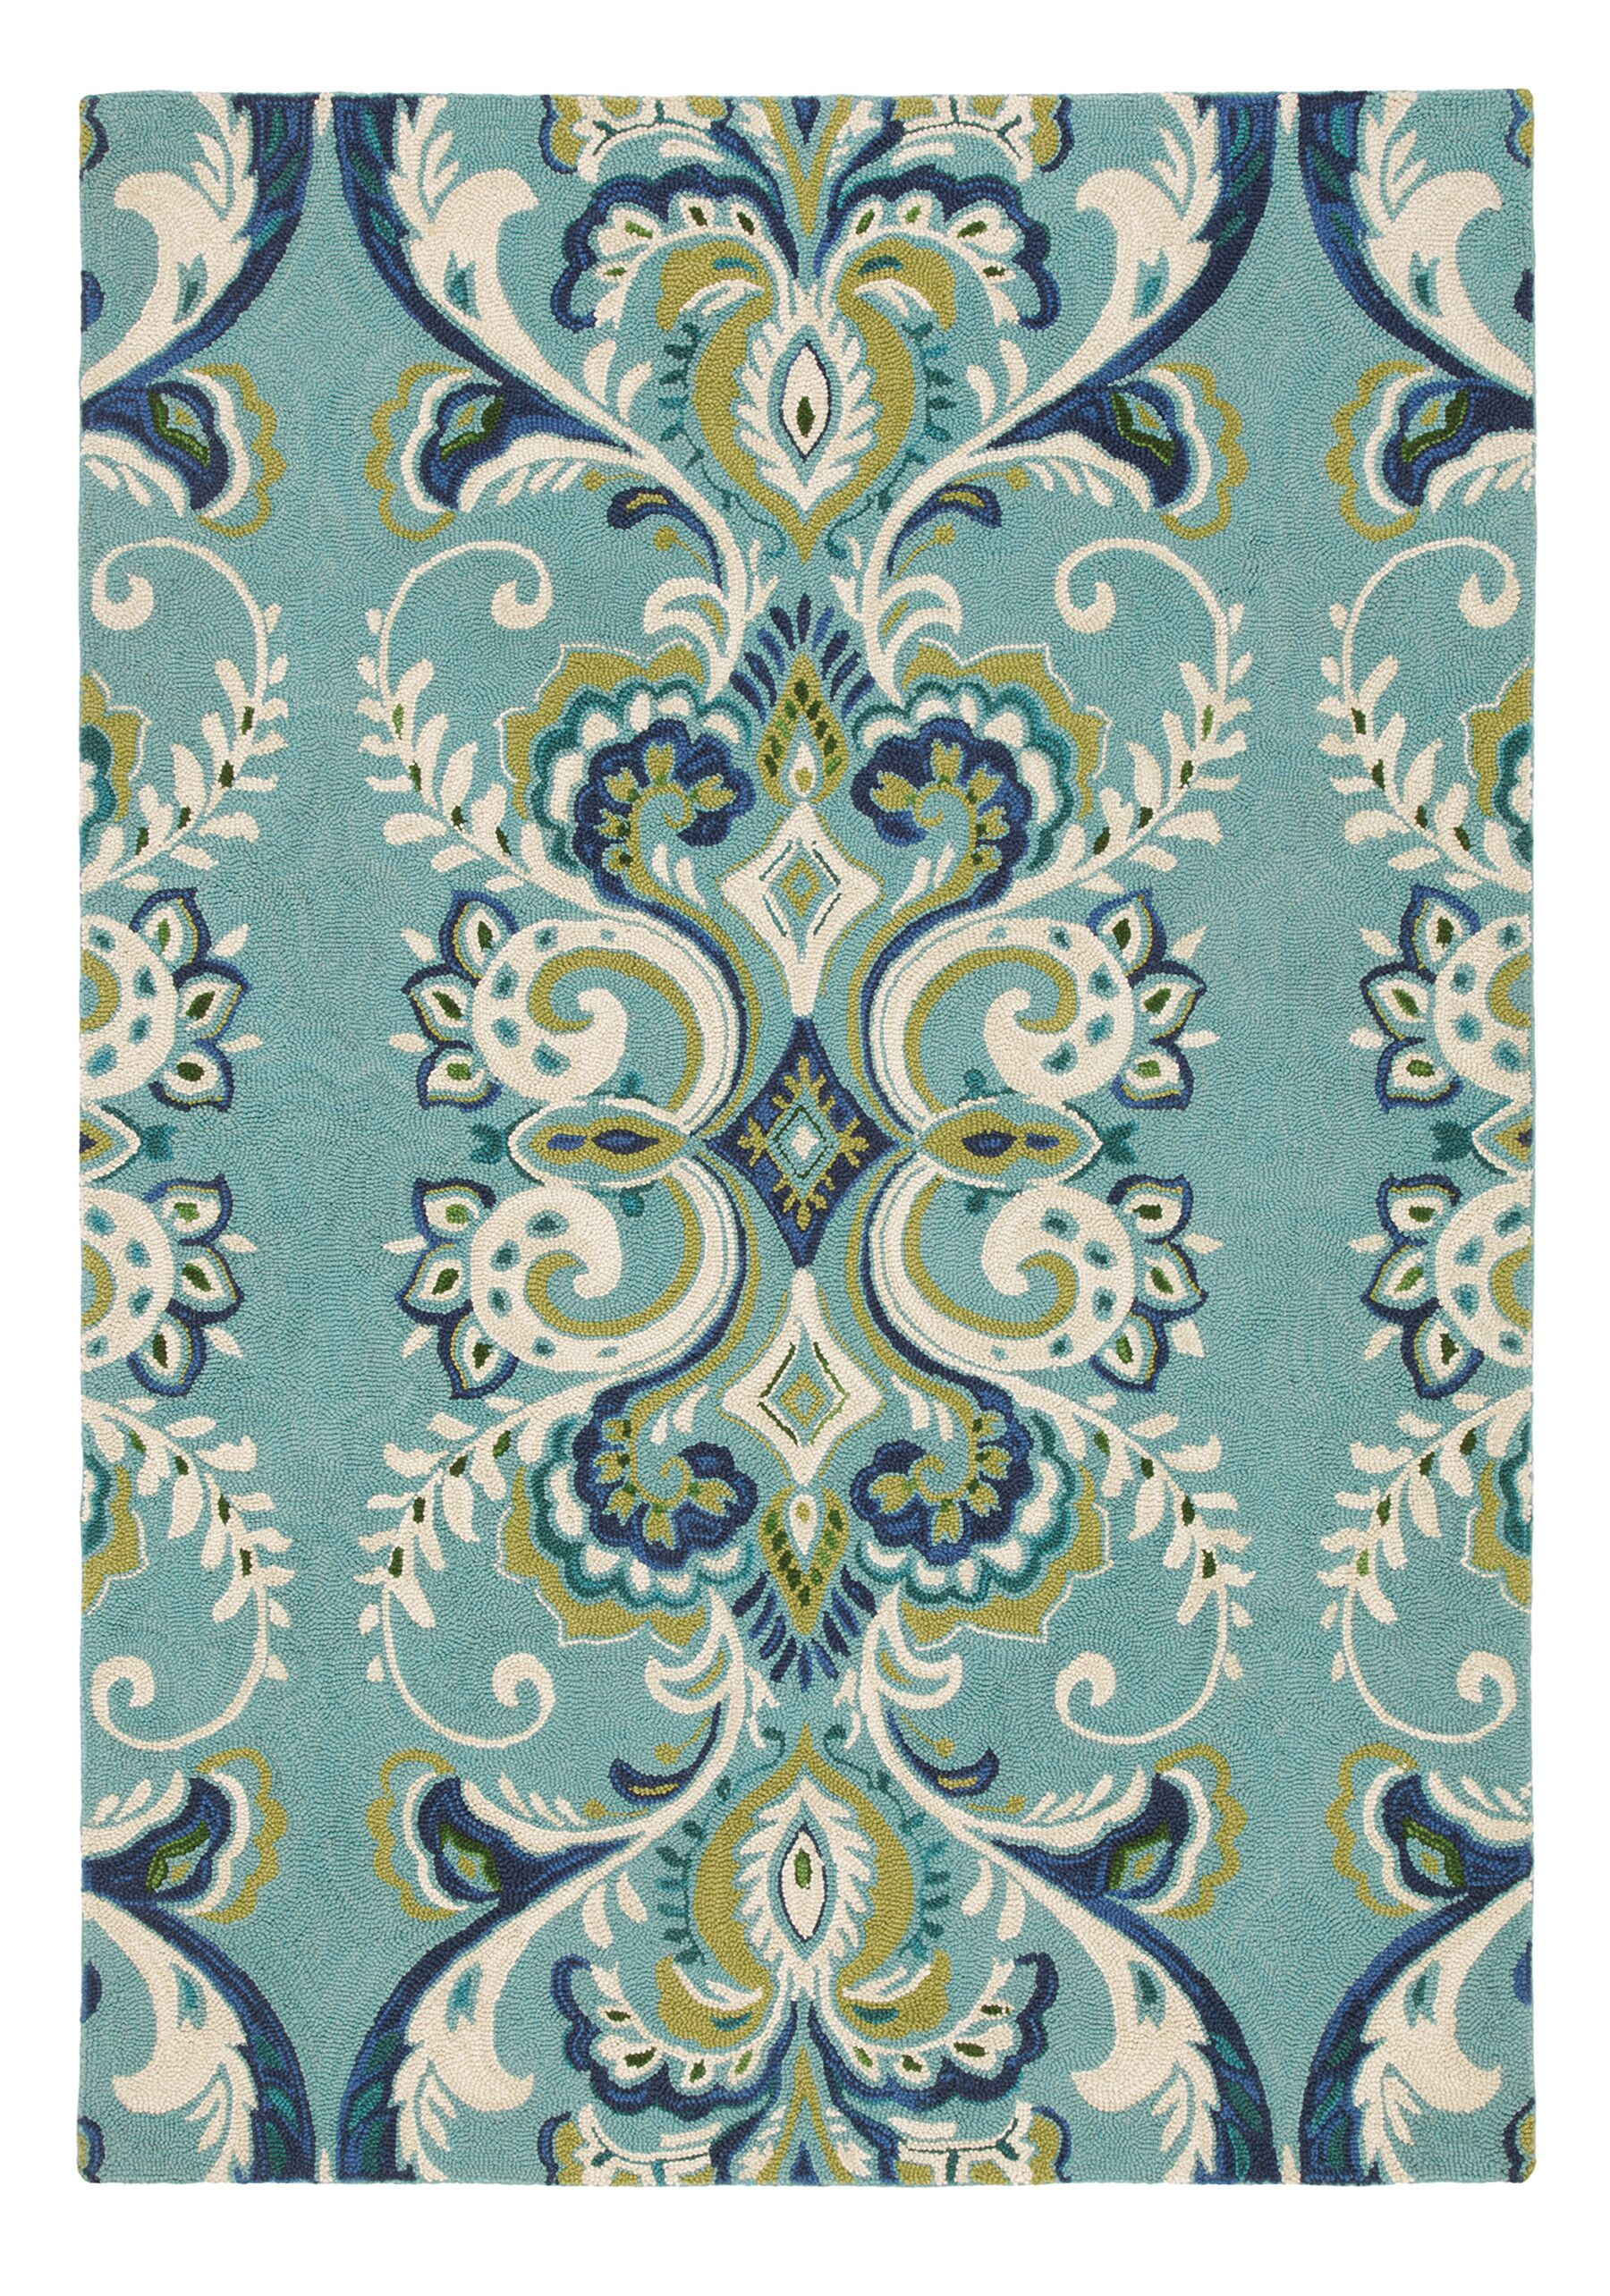 Adele Hand-Hooked Wool Lake Area Rug Rug Size: Rectangle 5' x 8'